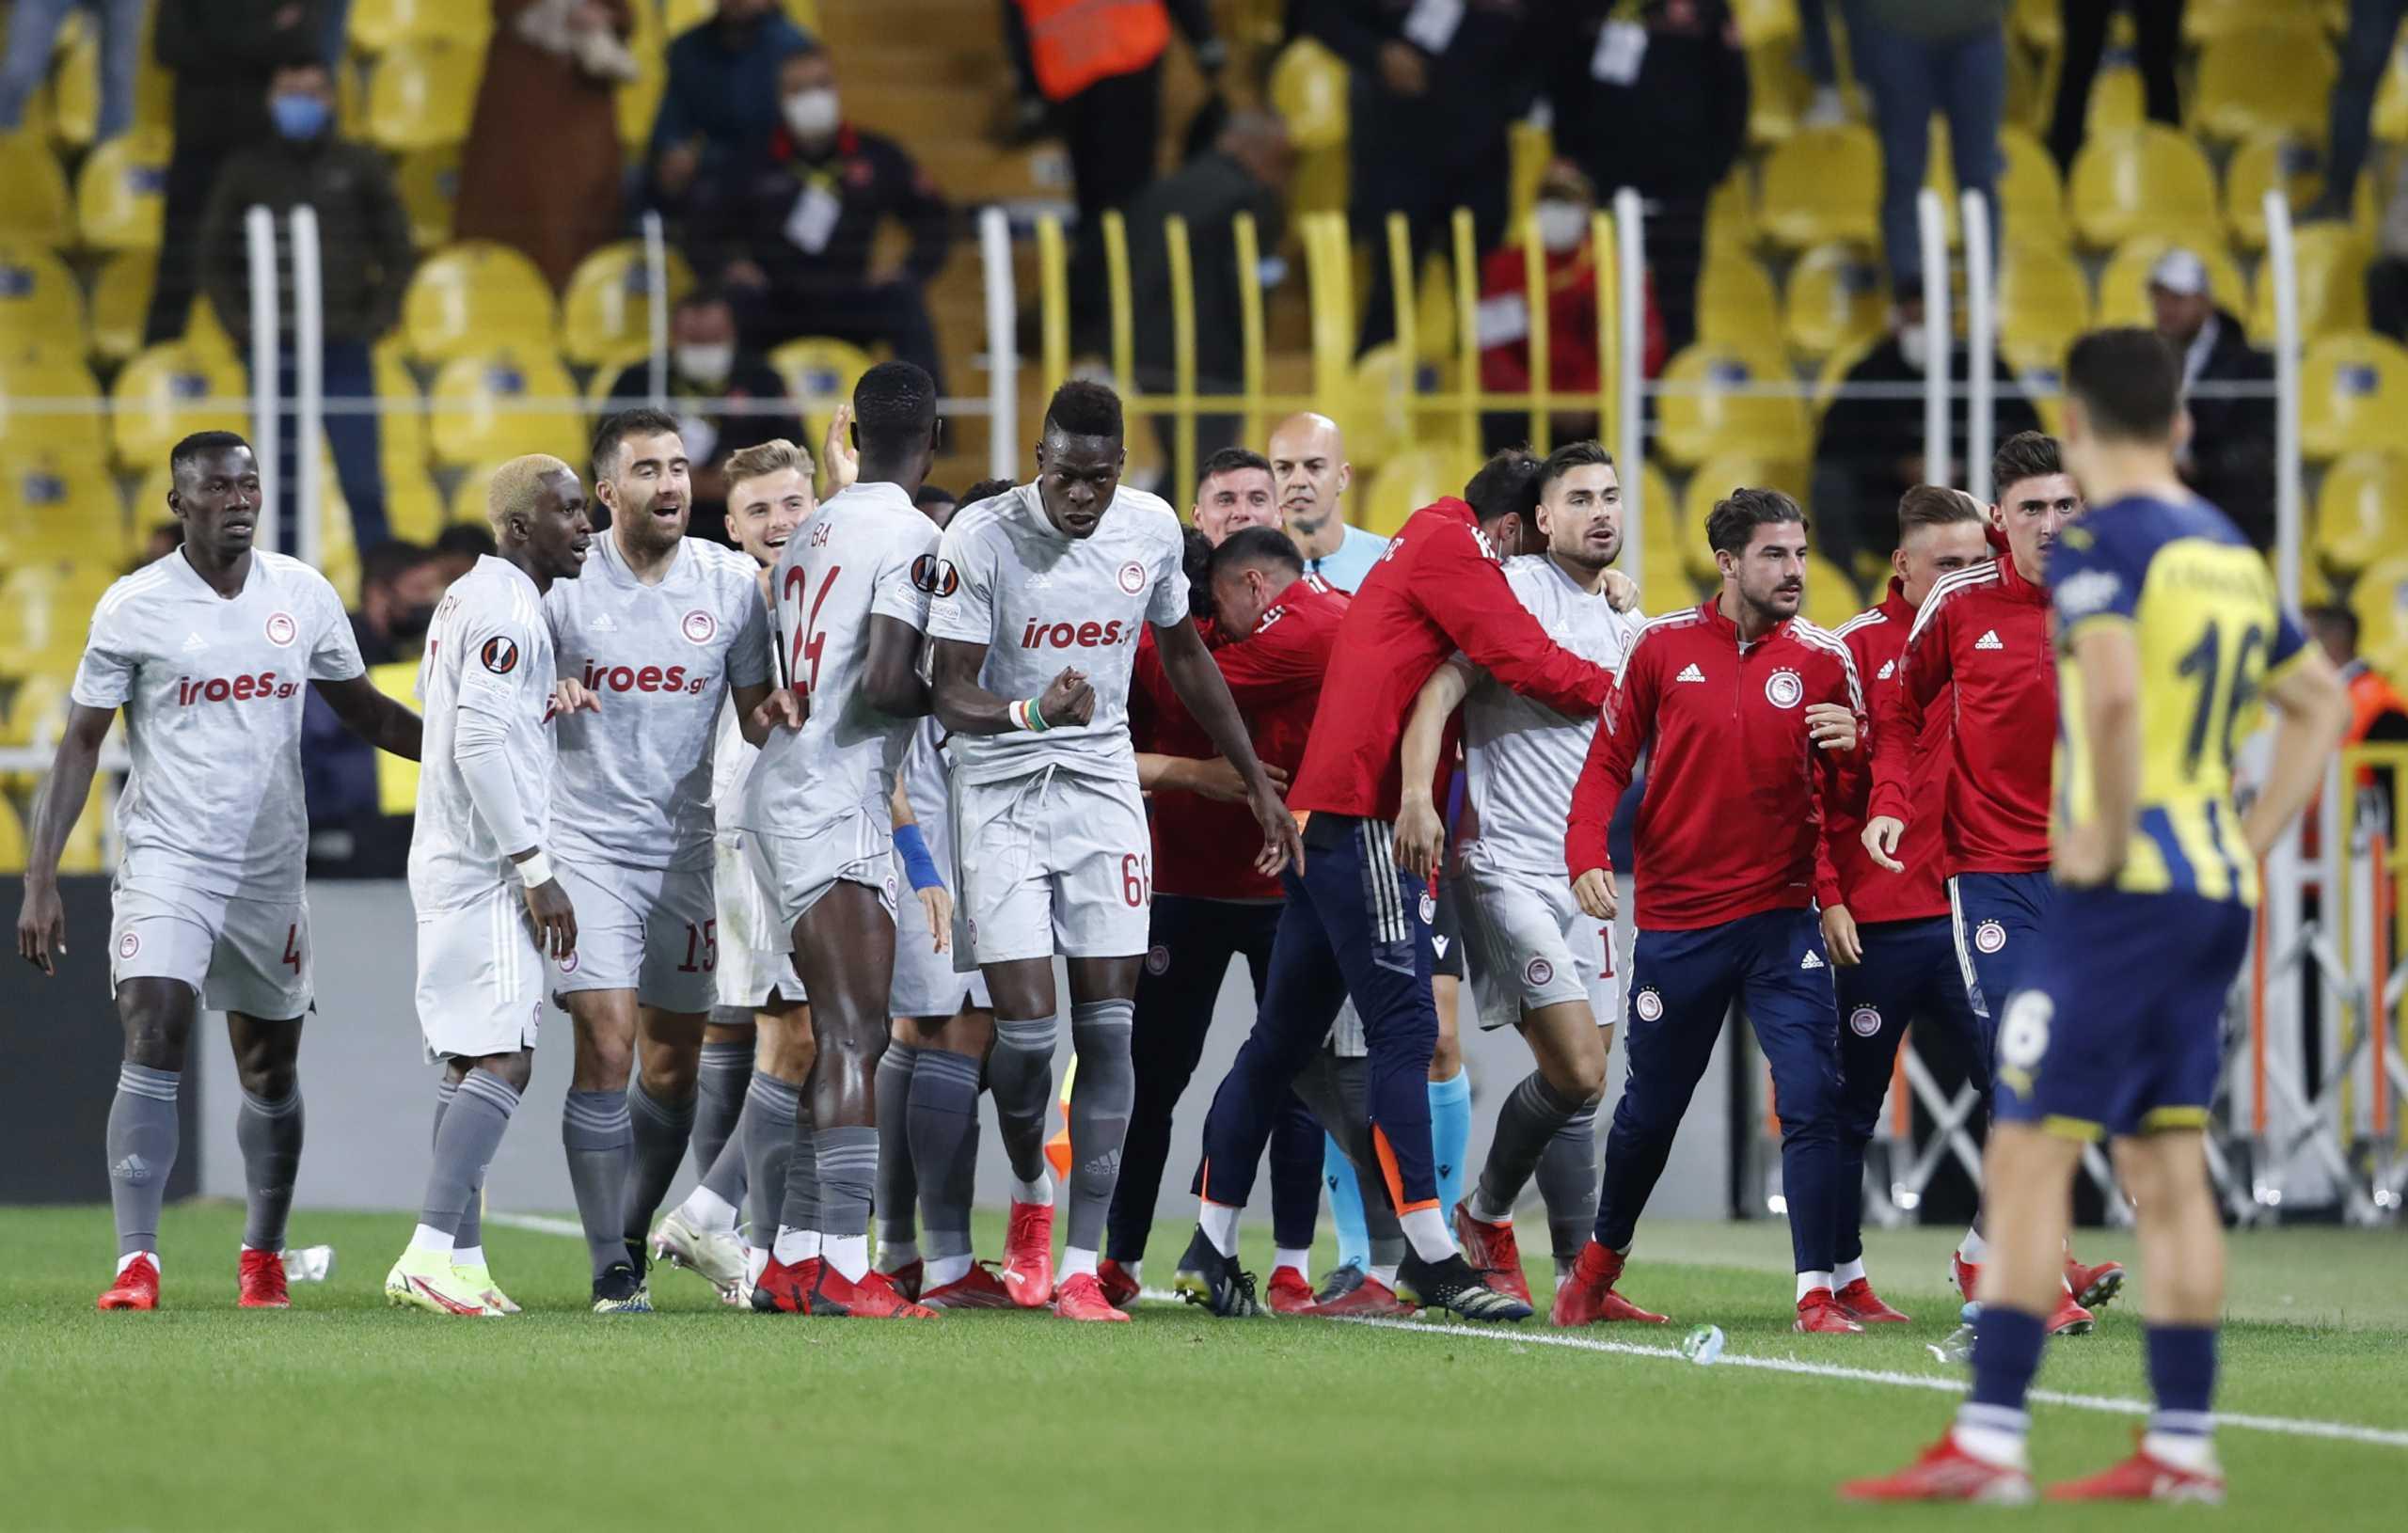 Φενέρμπαχτσε – Ολυμπιακός 0-3 ΤΕΛΙΚΟ: «Πάρτι» με Μασούρα